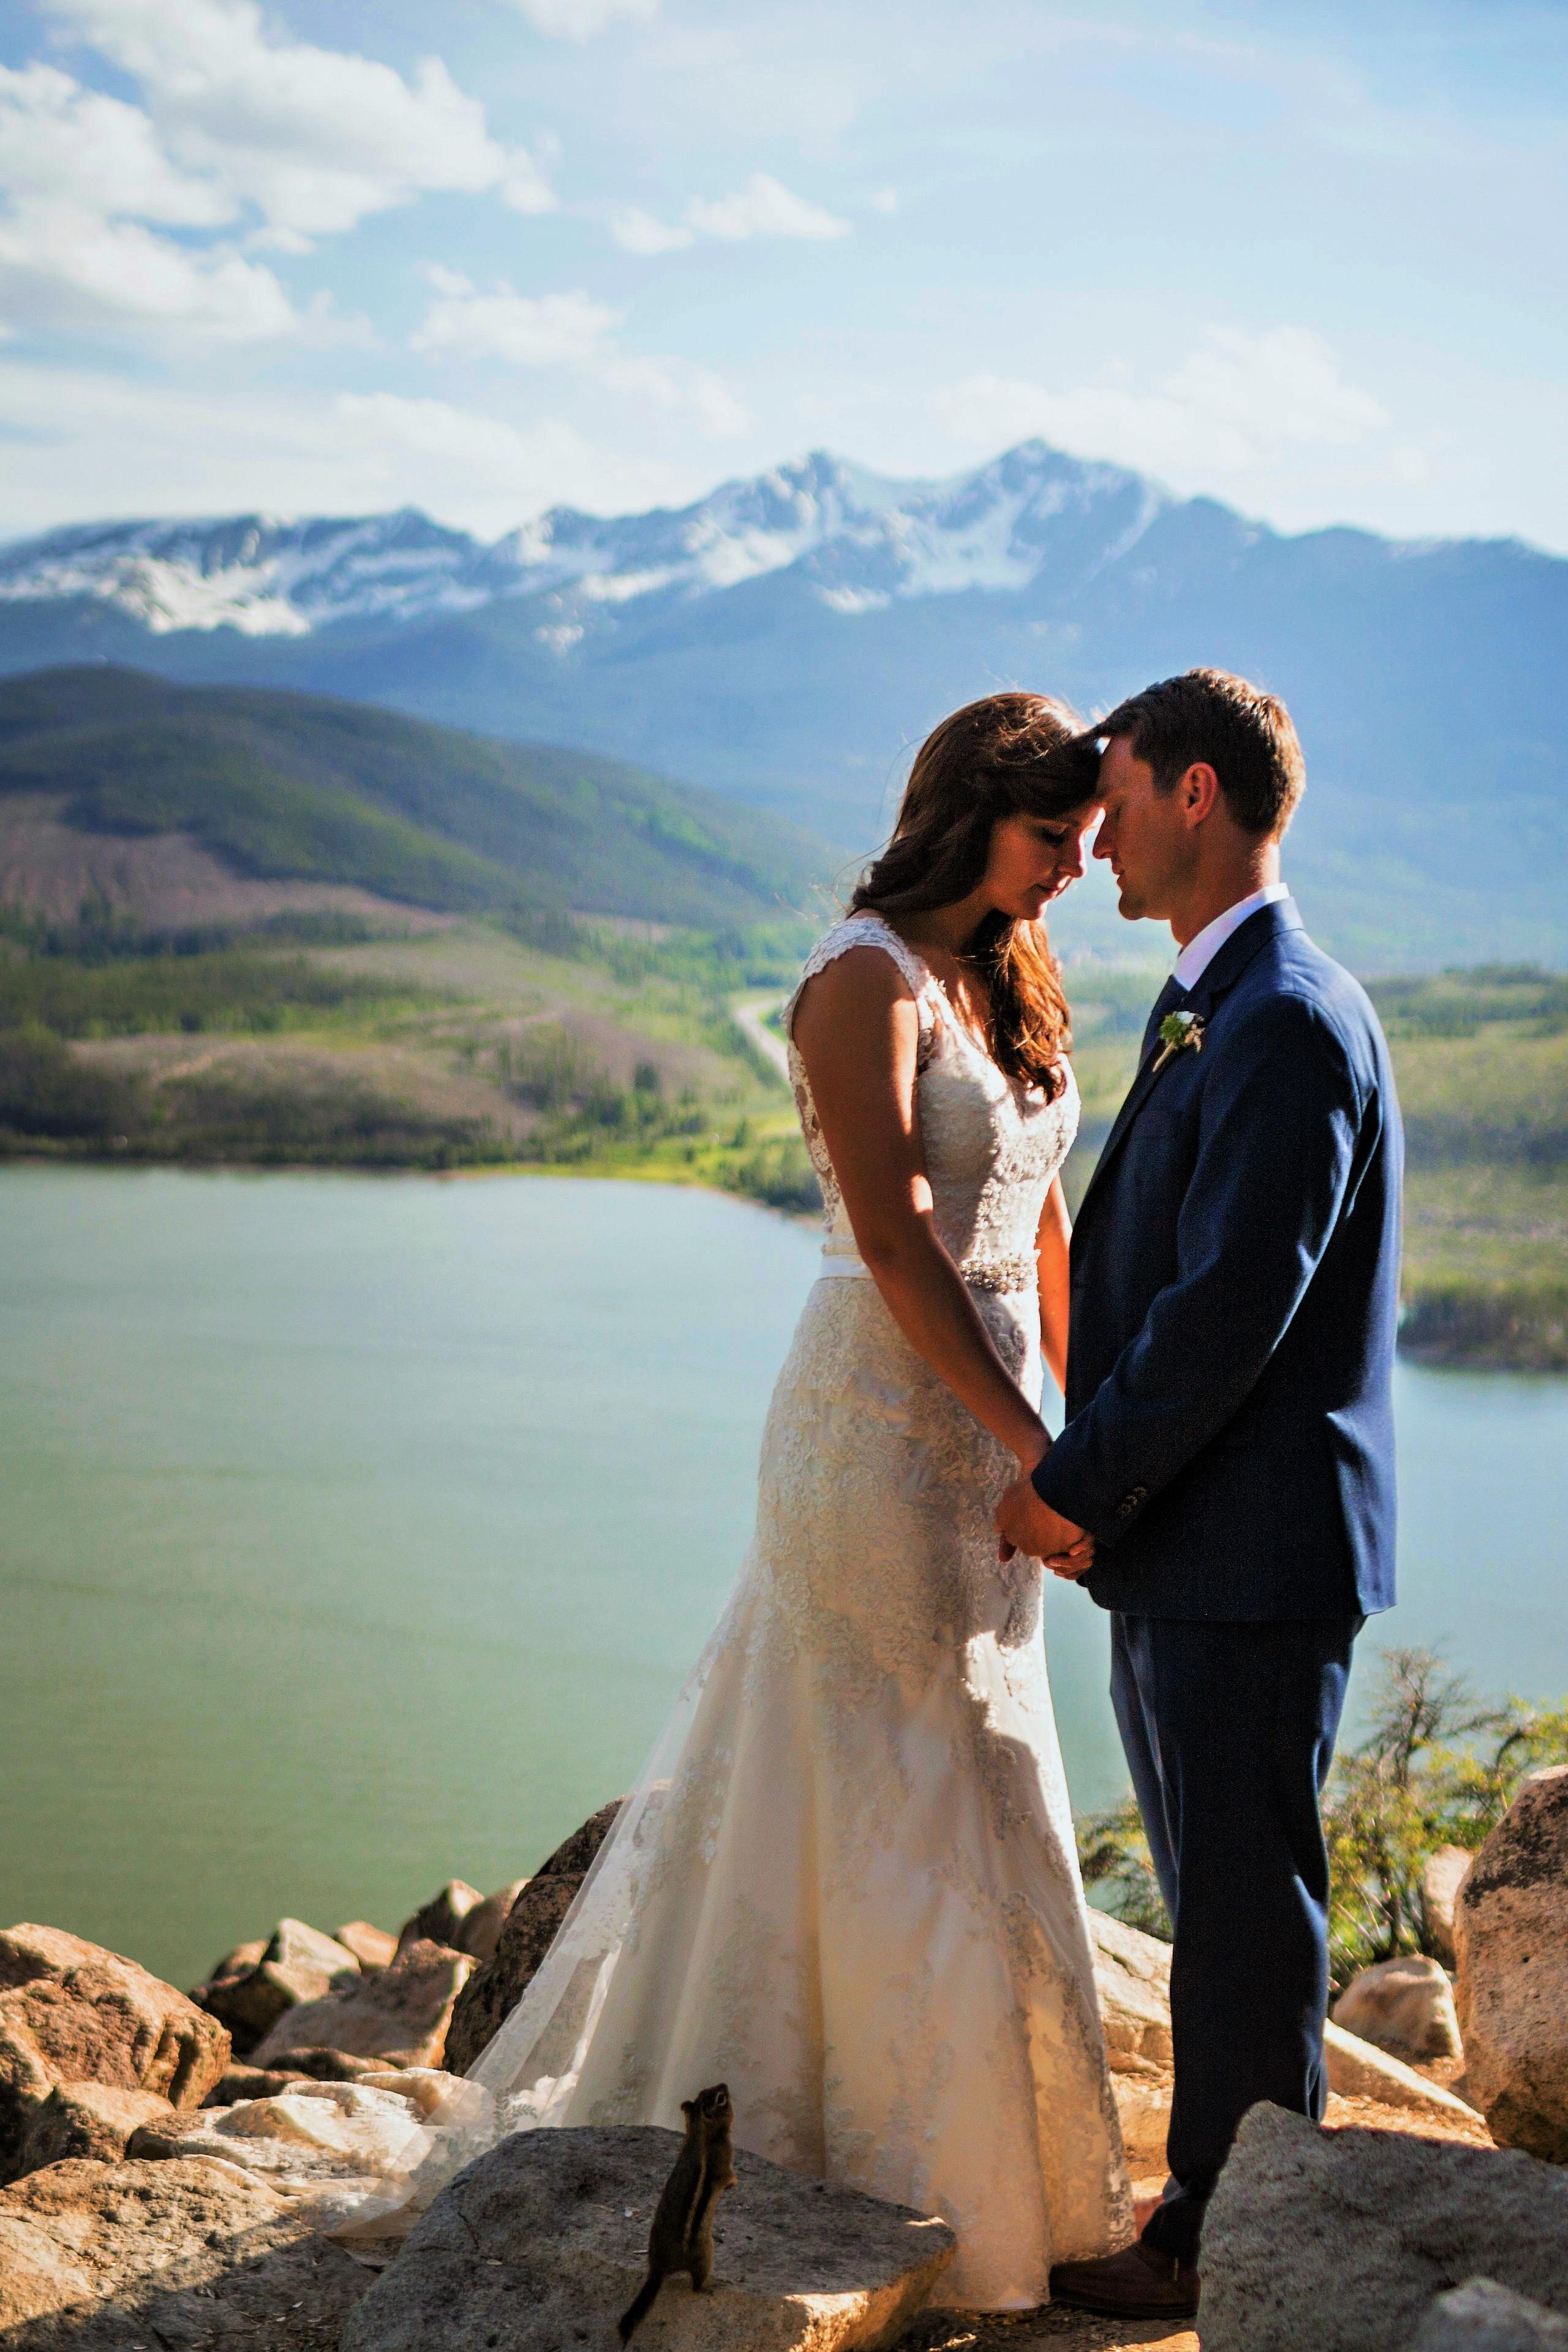 Wedding Cakes Summit County Colorado